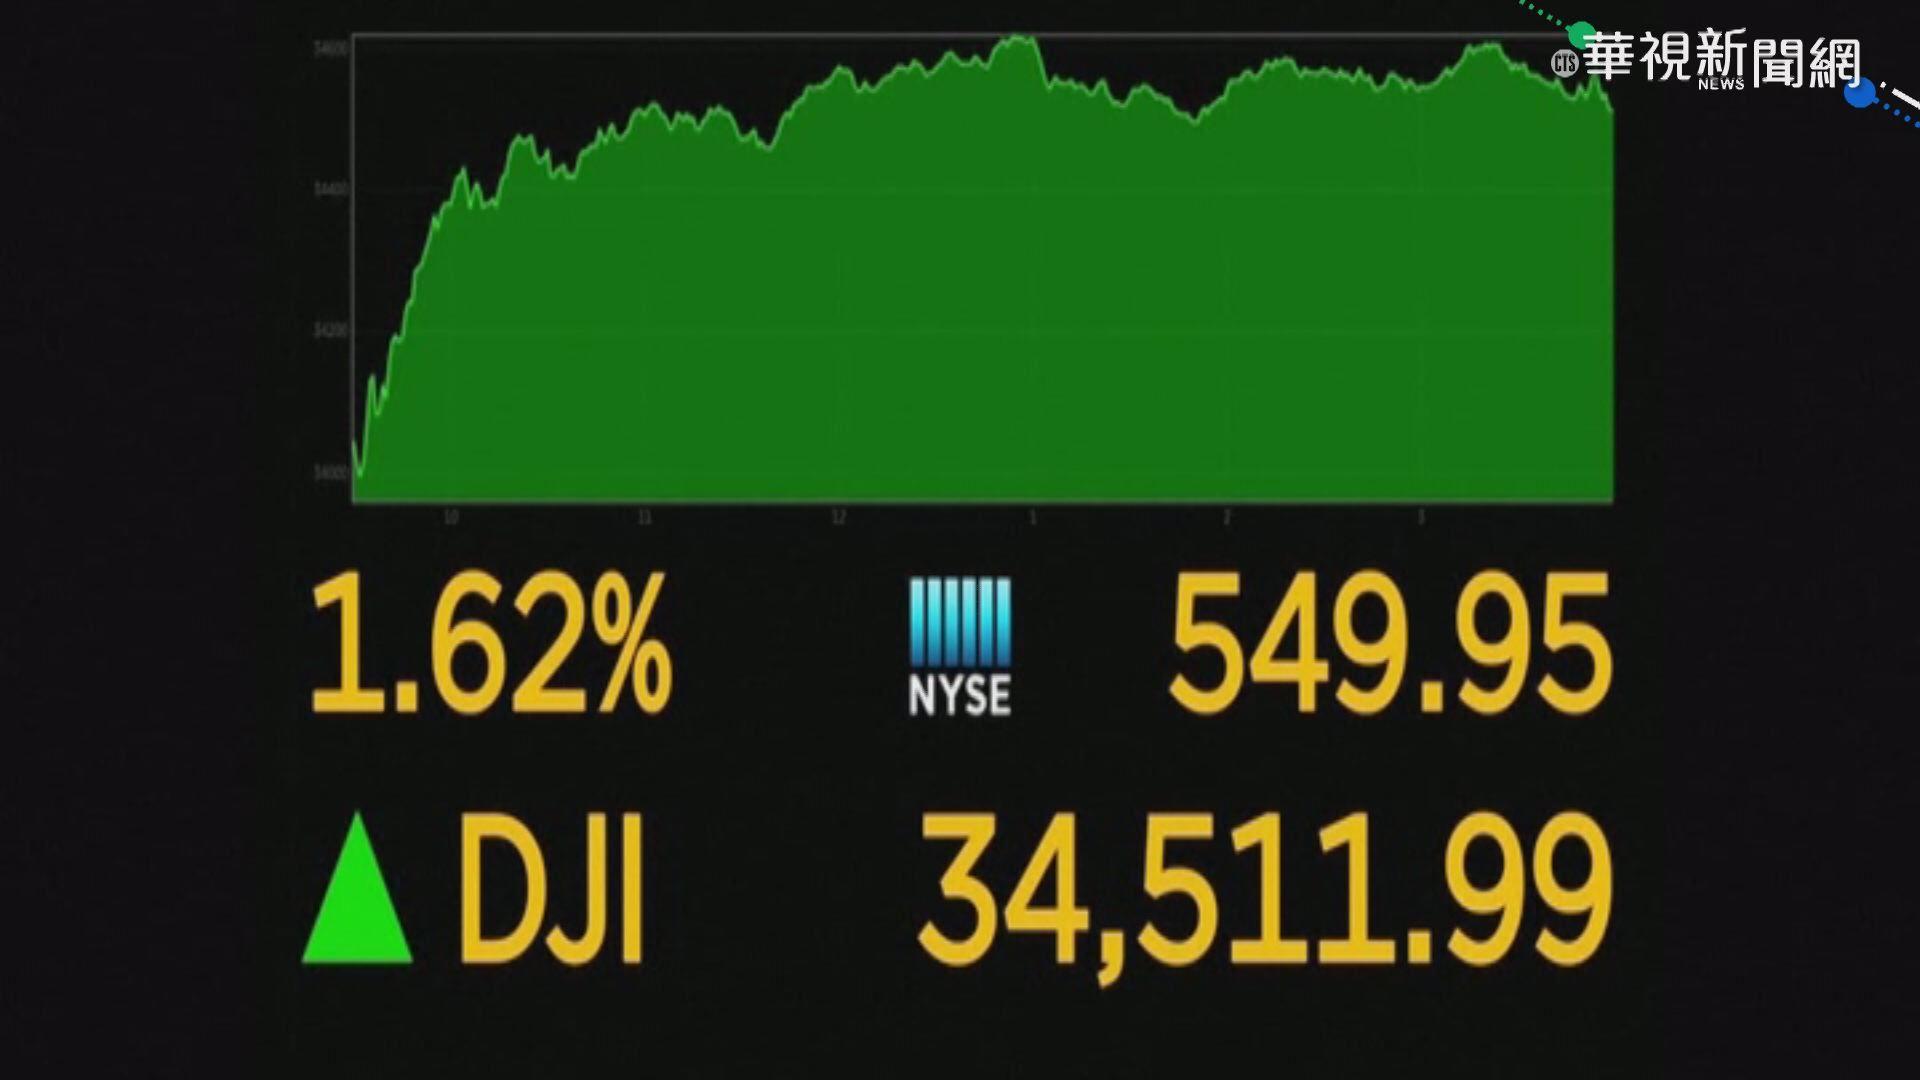 樂觀看經濟復甦 美股3大指數反彈收高